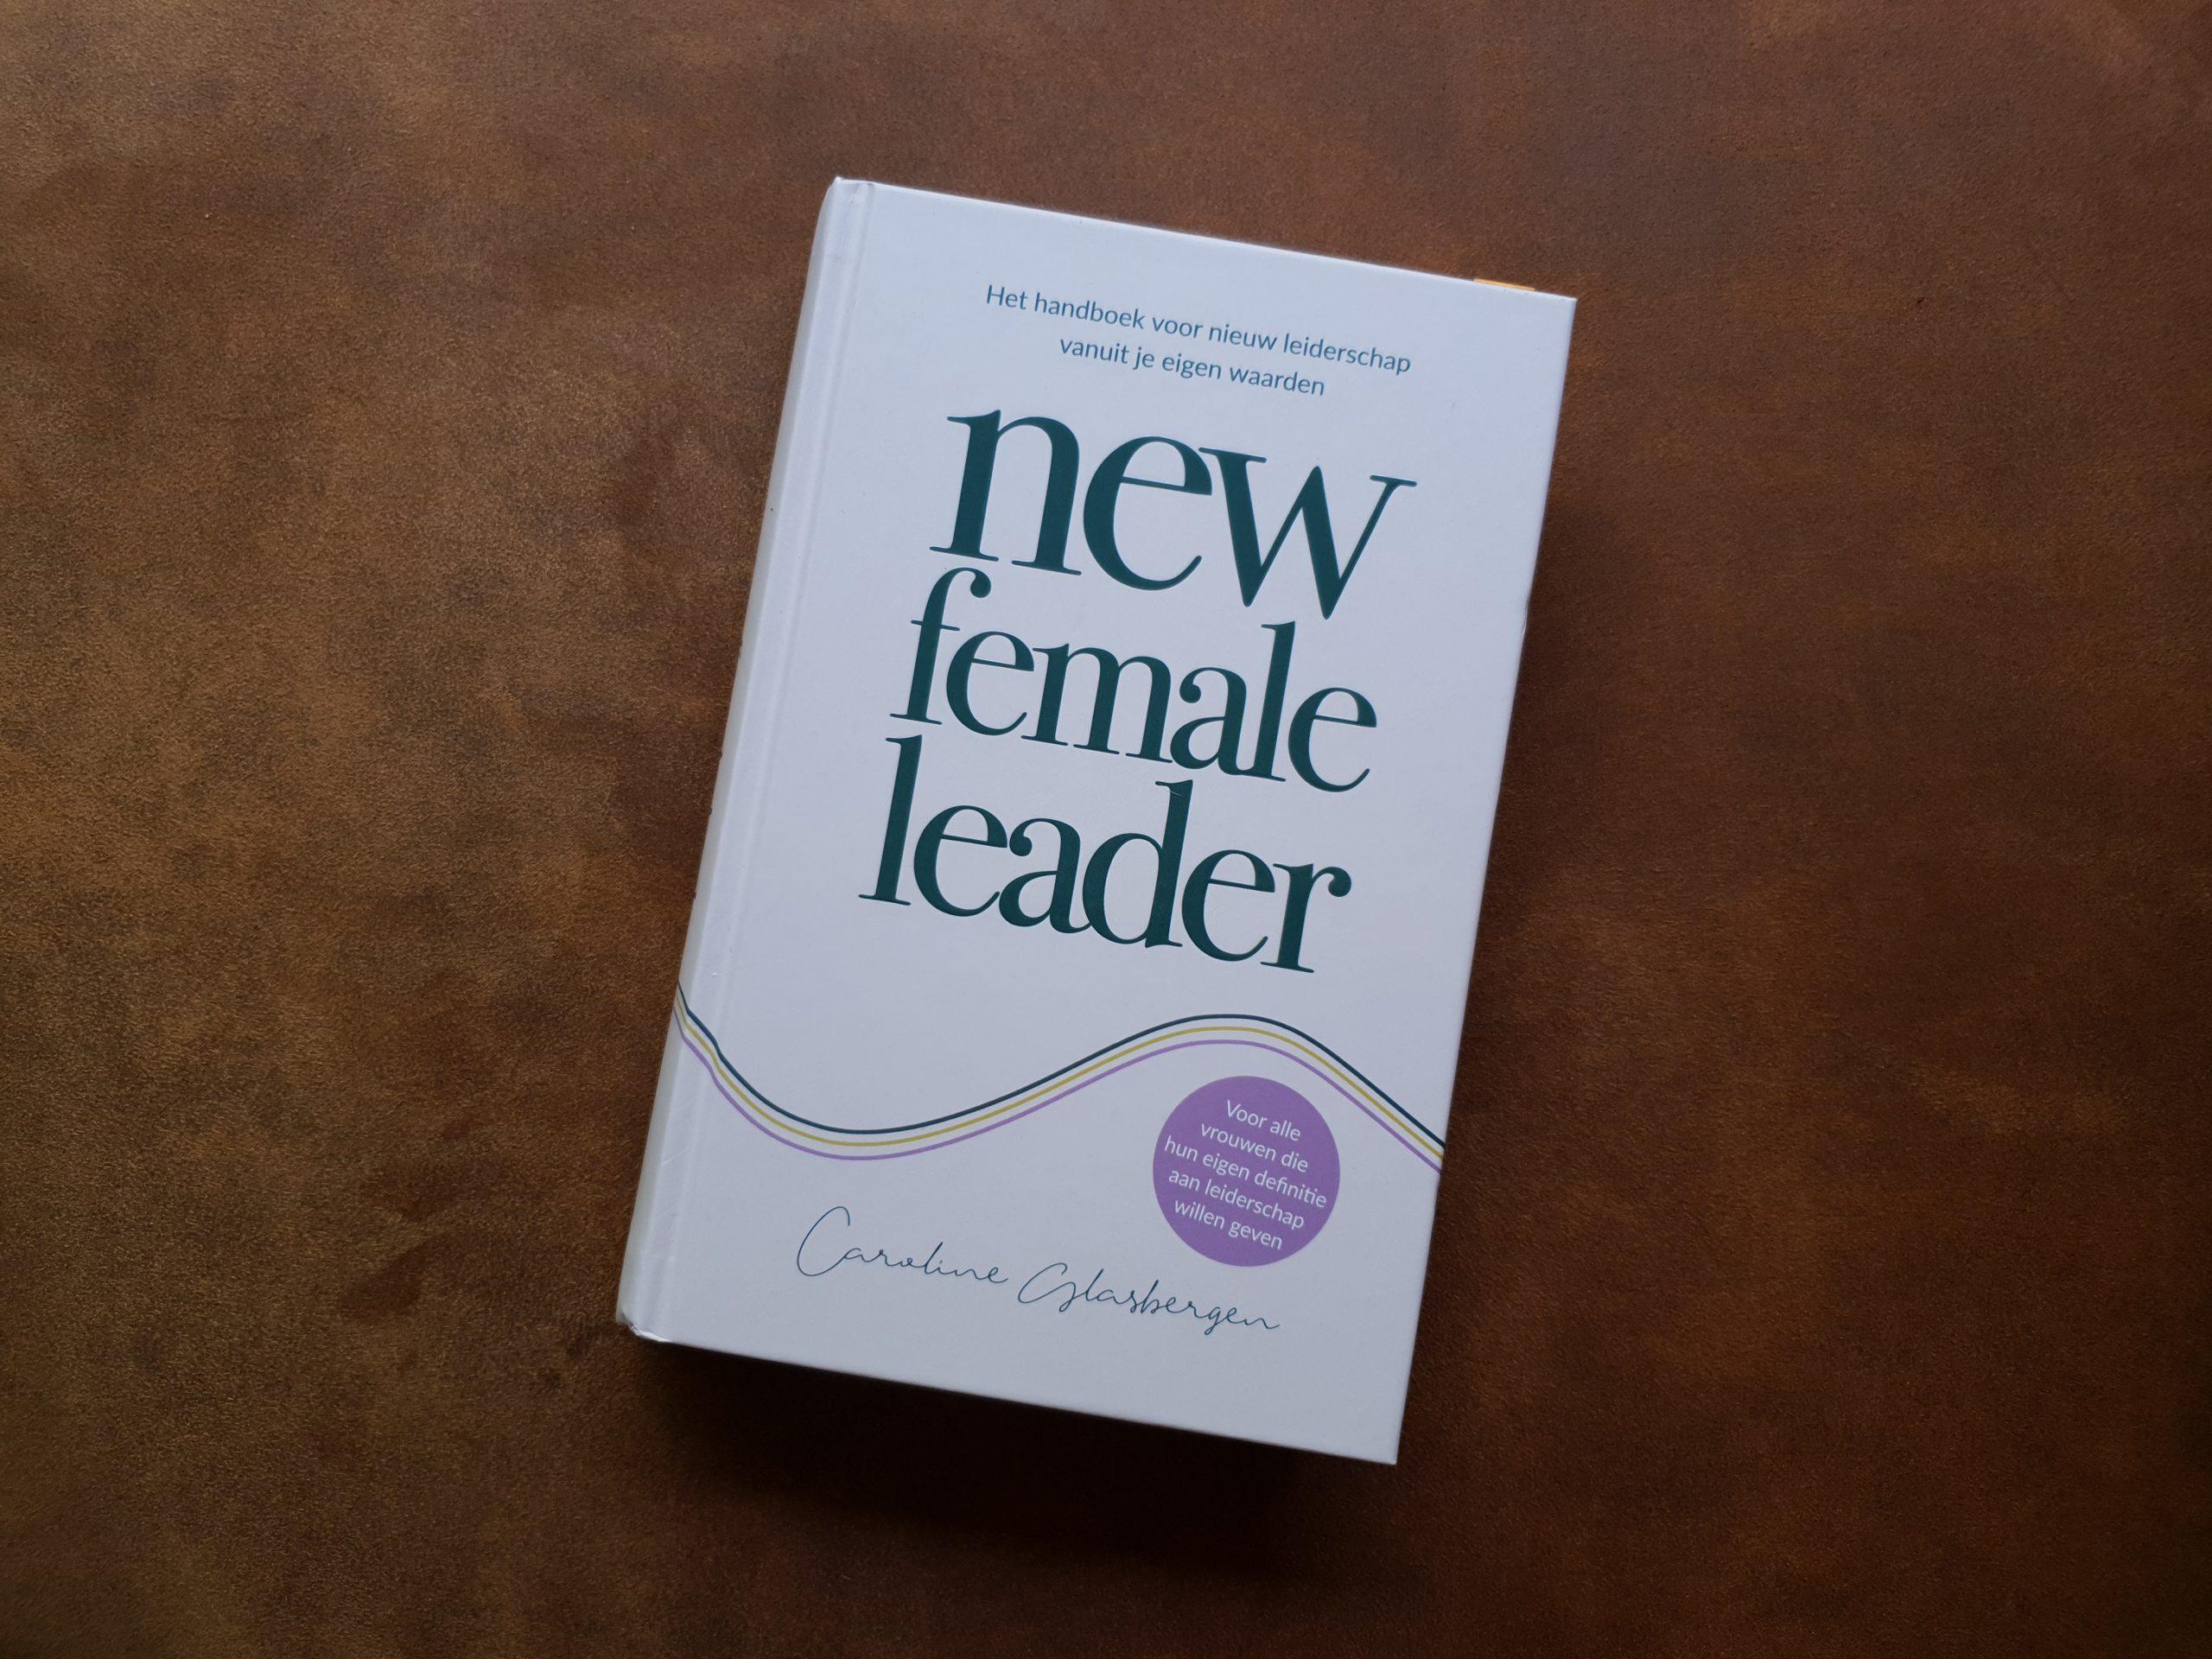 Boekreview New Female Leader